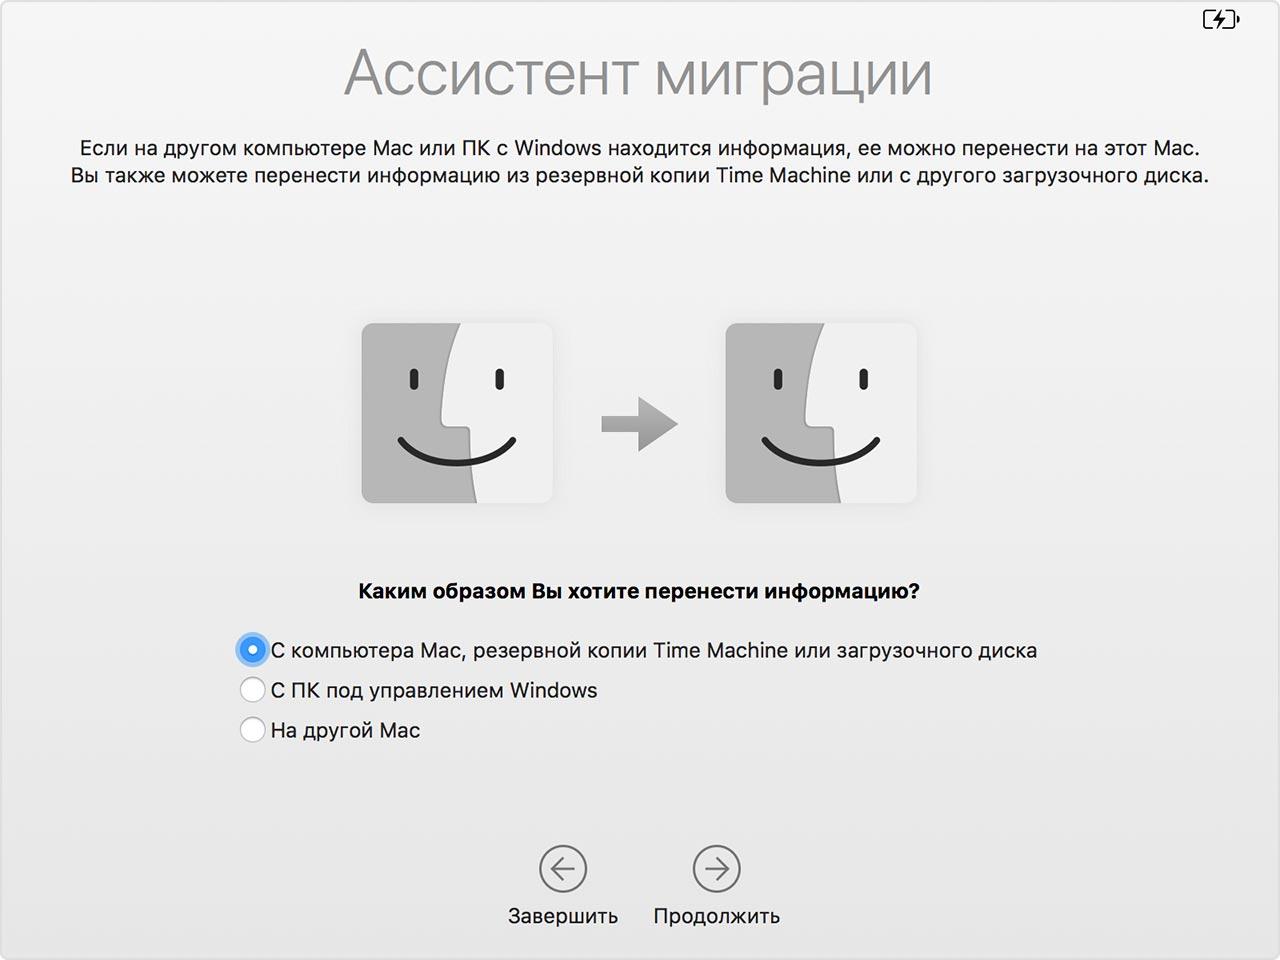 MacBook migtarion assisstant